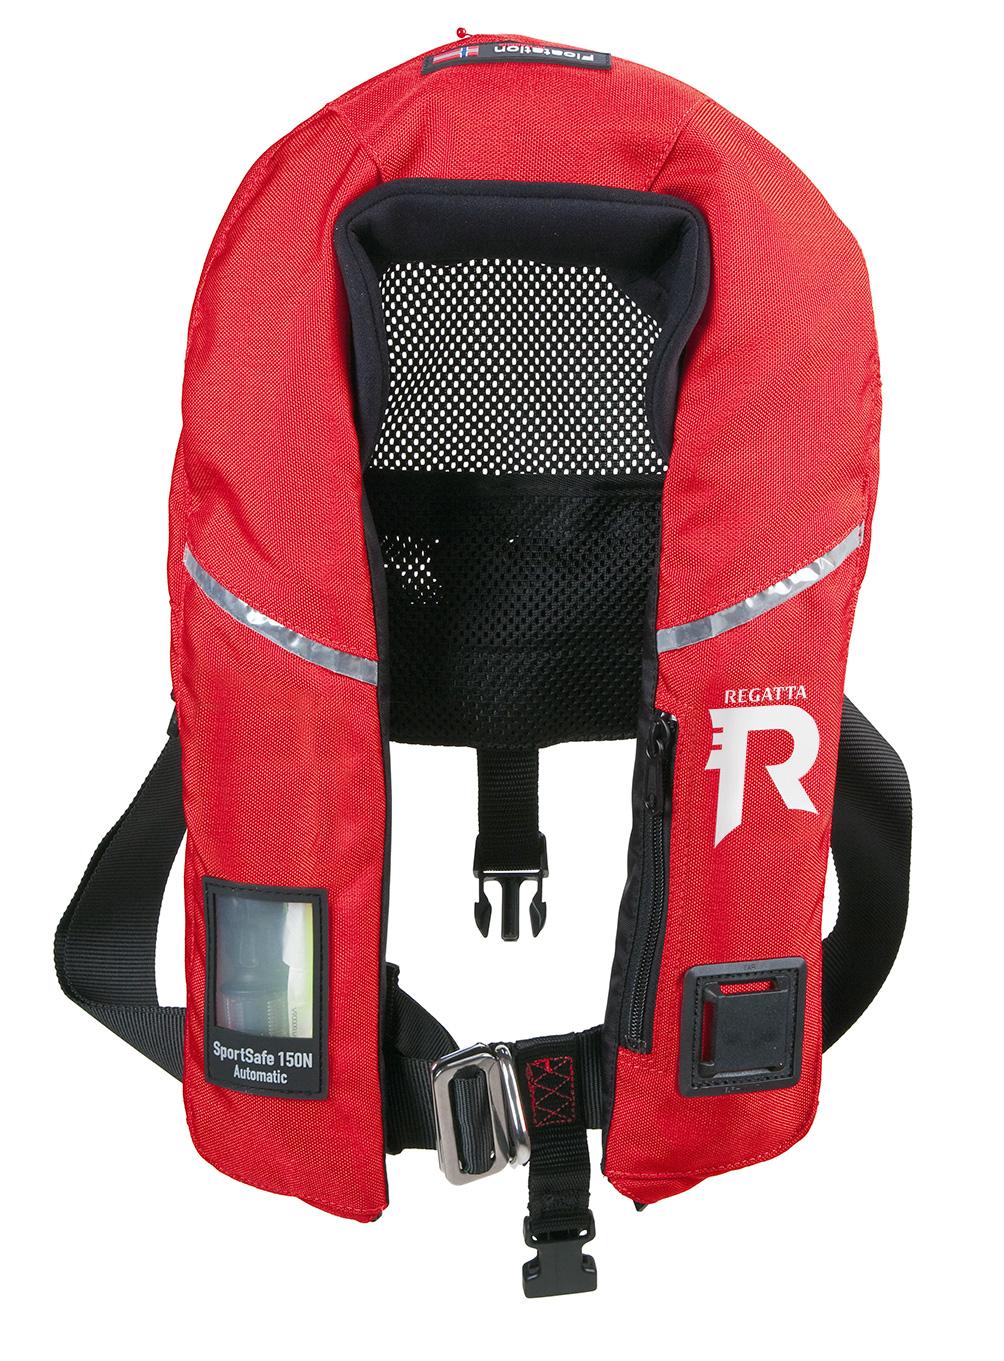 SportSafe-100422-8069-svart-red-ny-logo2.jpg